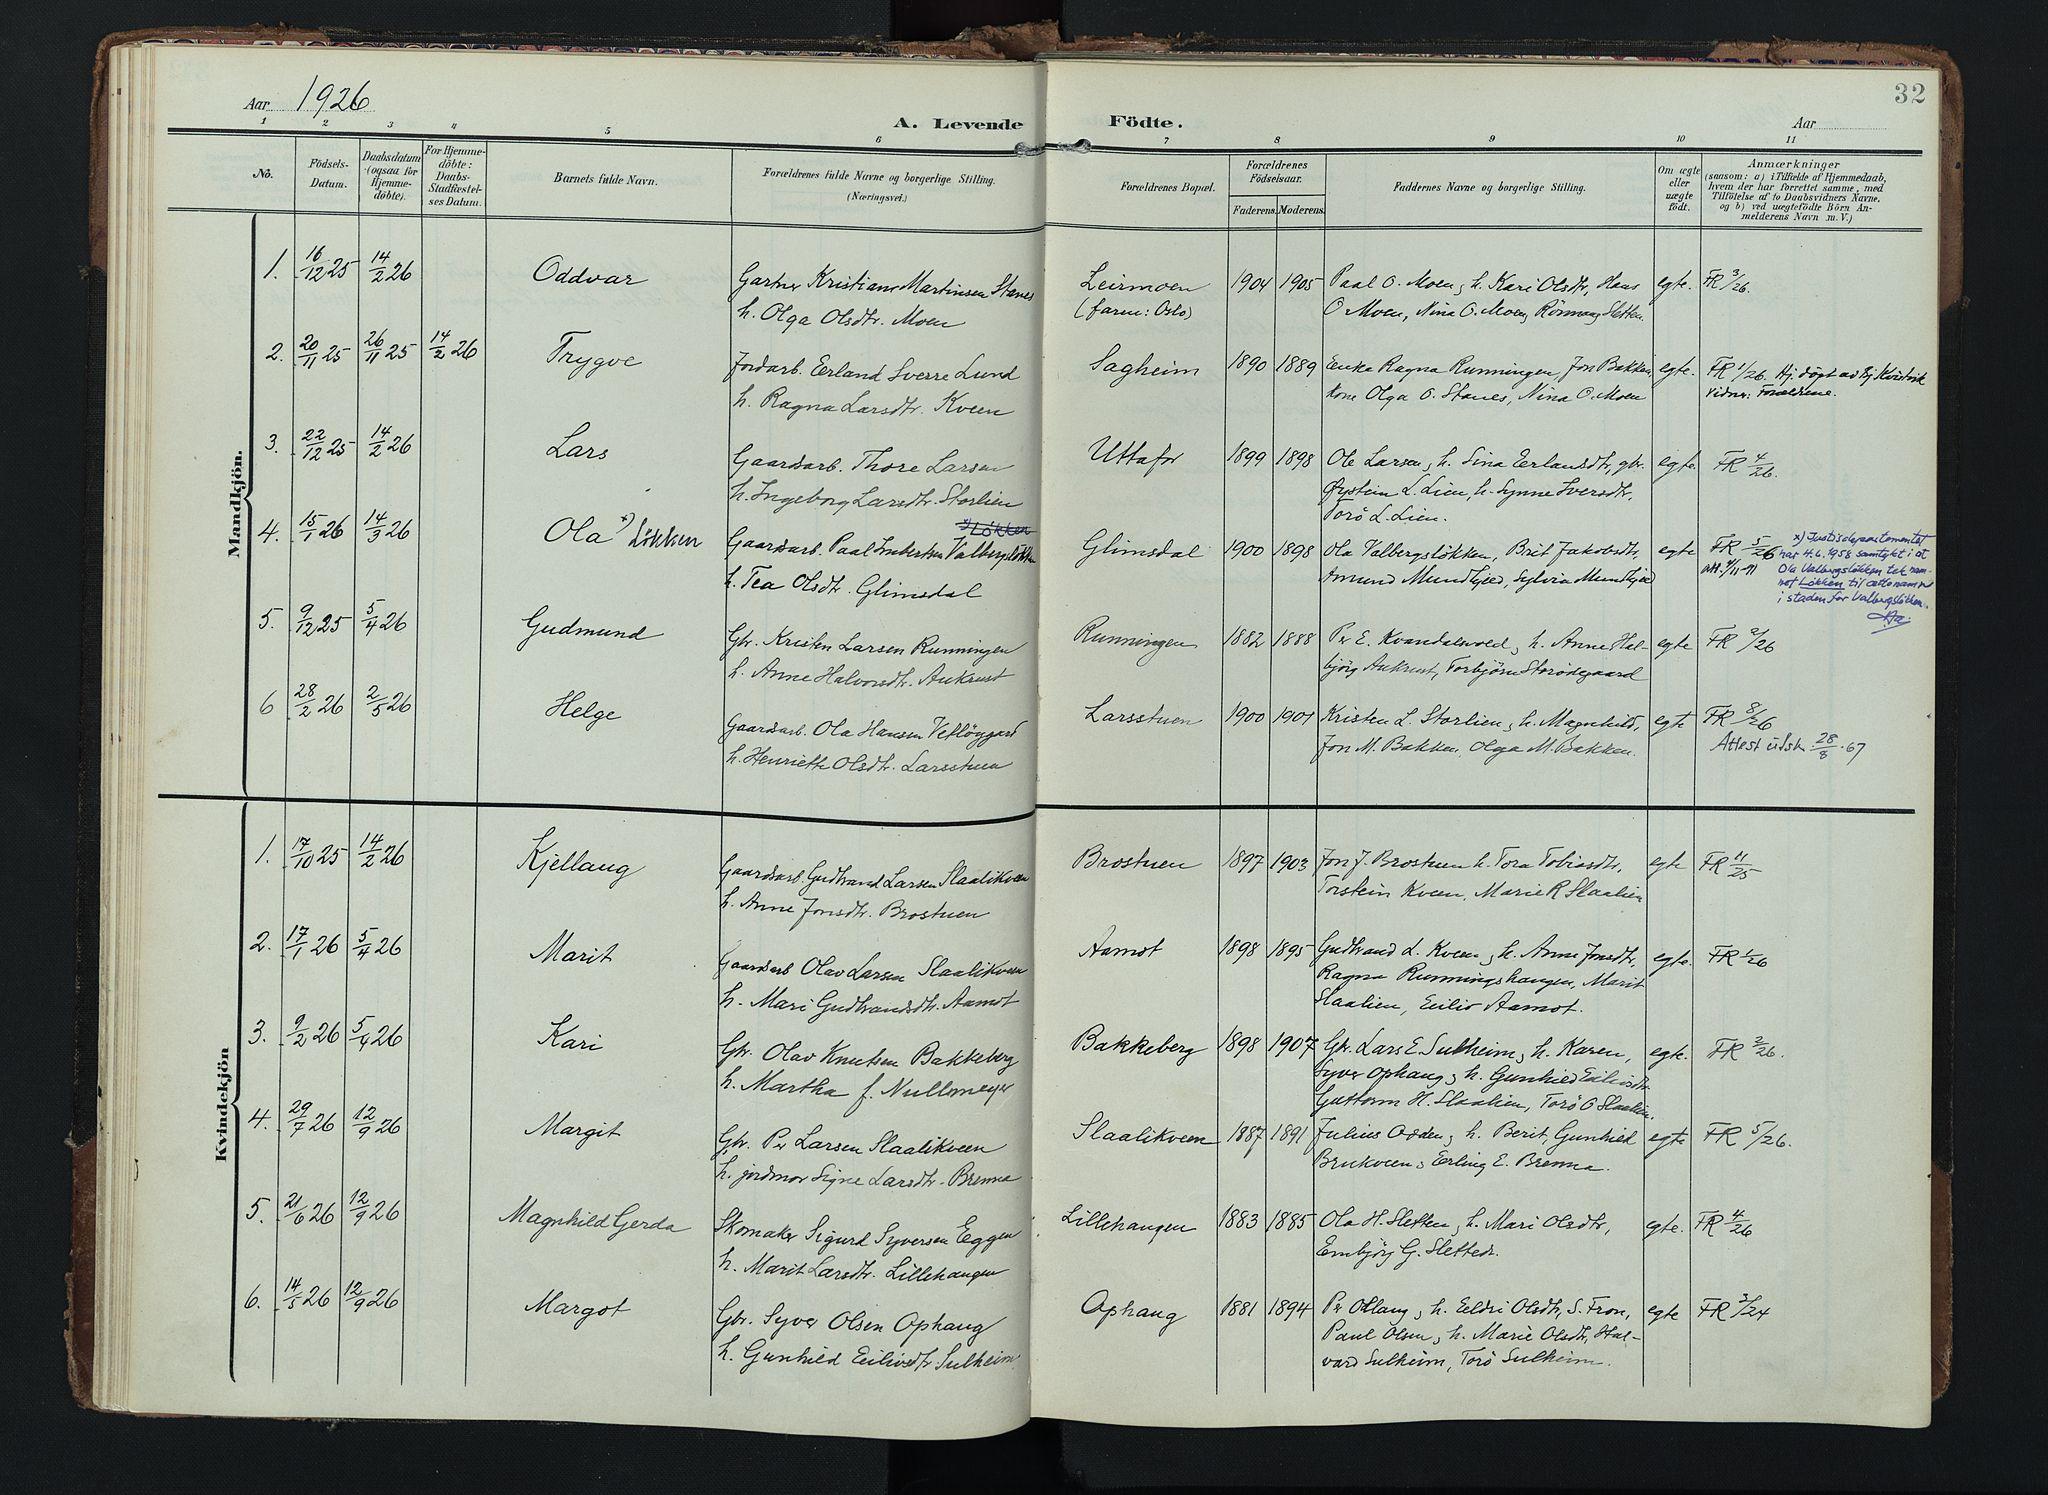 SAH, Lom prestekontor, K/L0012: Ministerialbok nr. 12, 1904-1928, s. 32